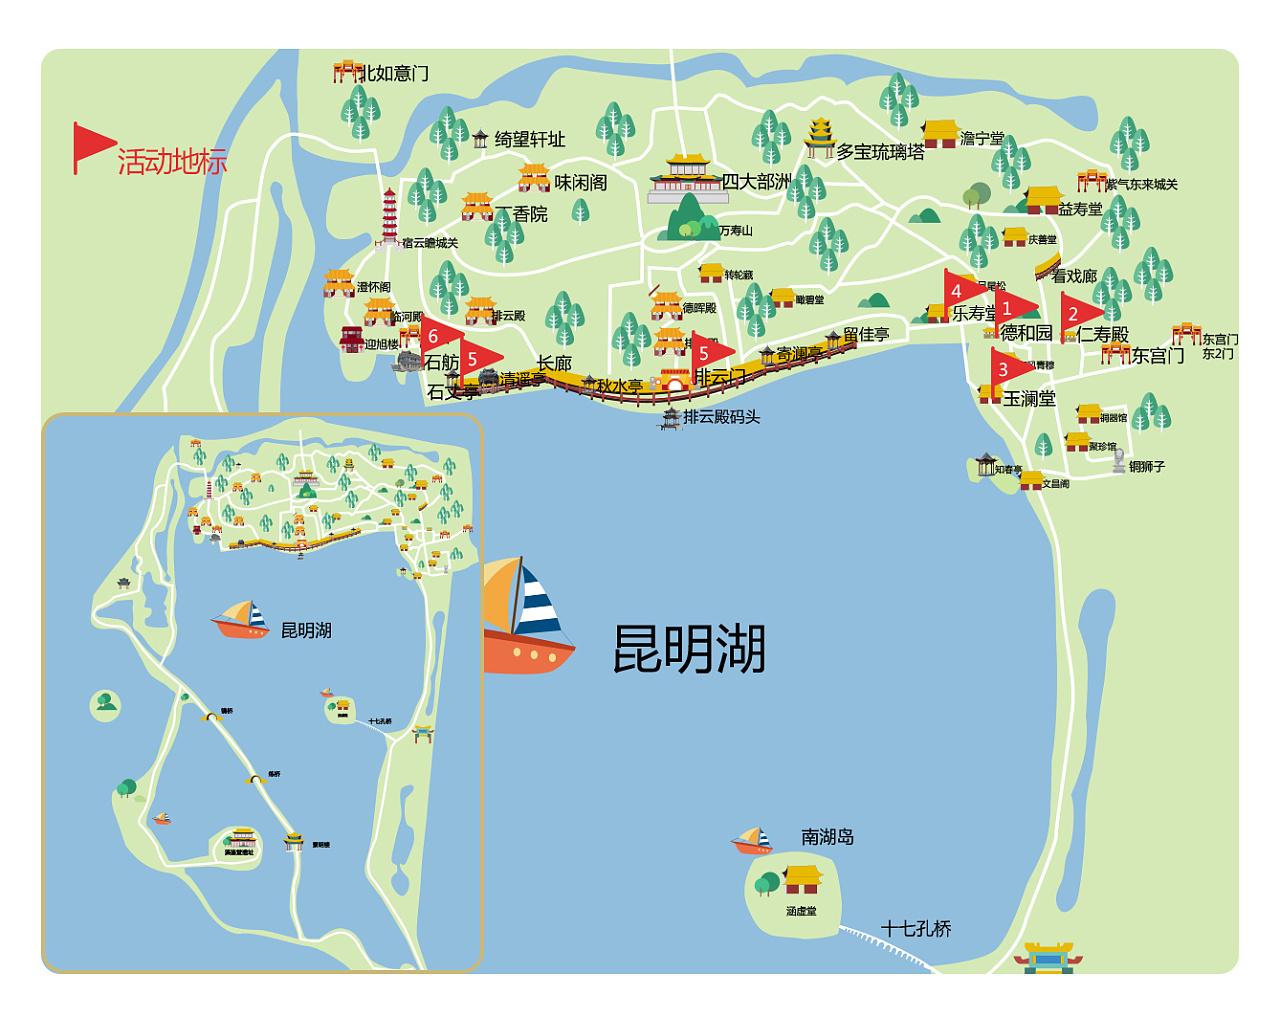 平面绘制|平面|其他地图|denadila-原创作品-站板式家具设计软件cv图片